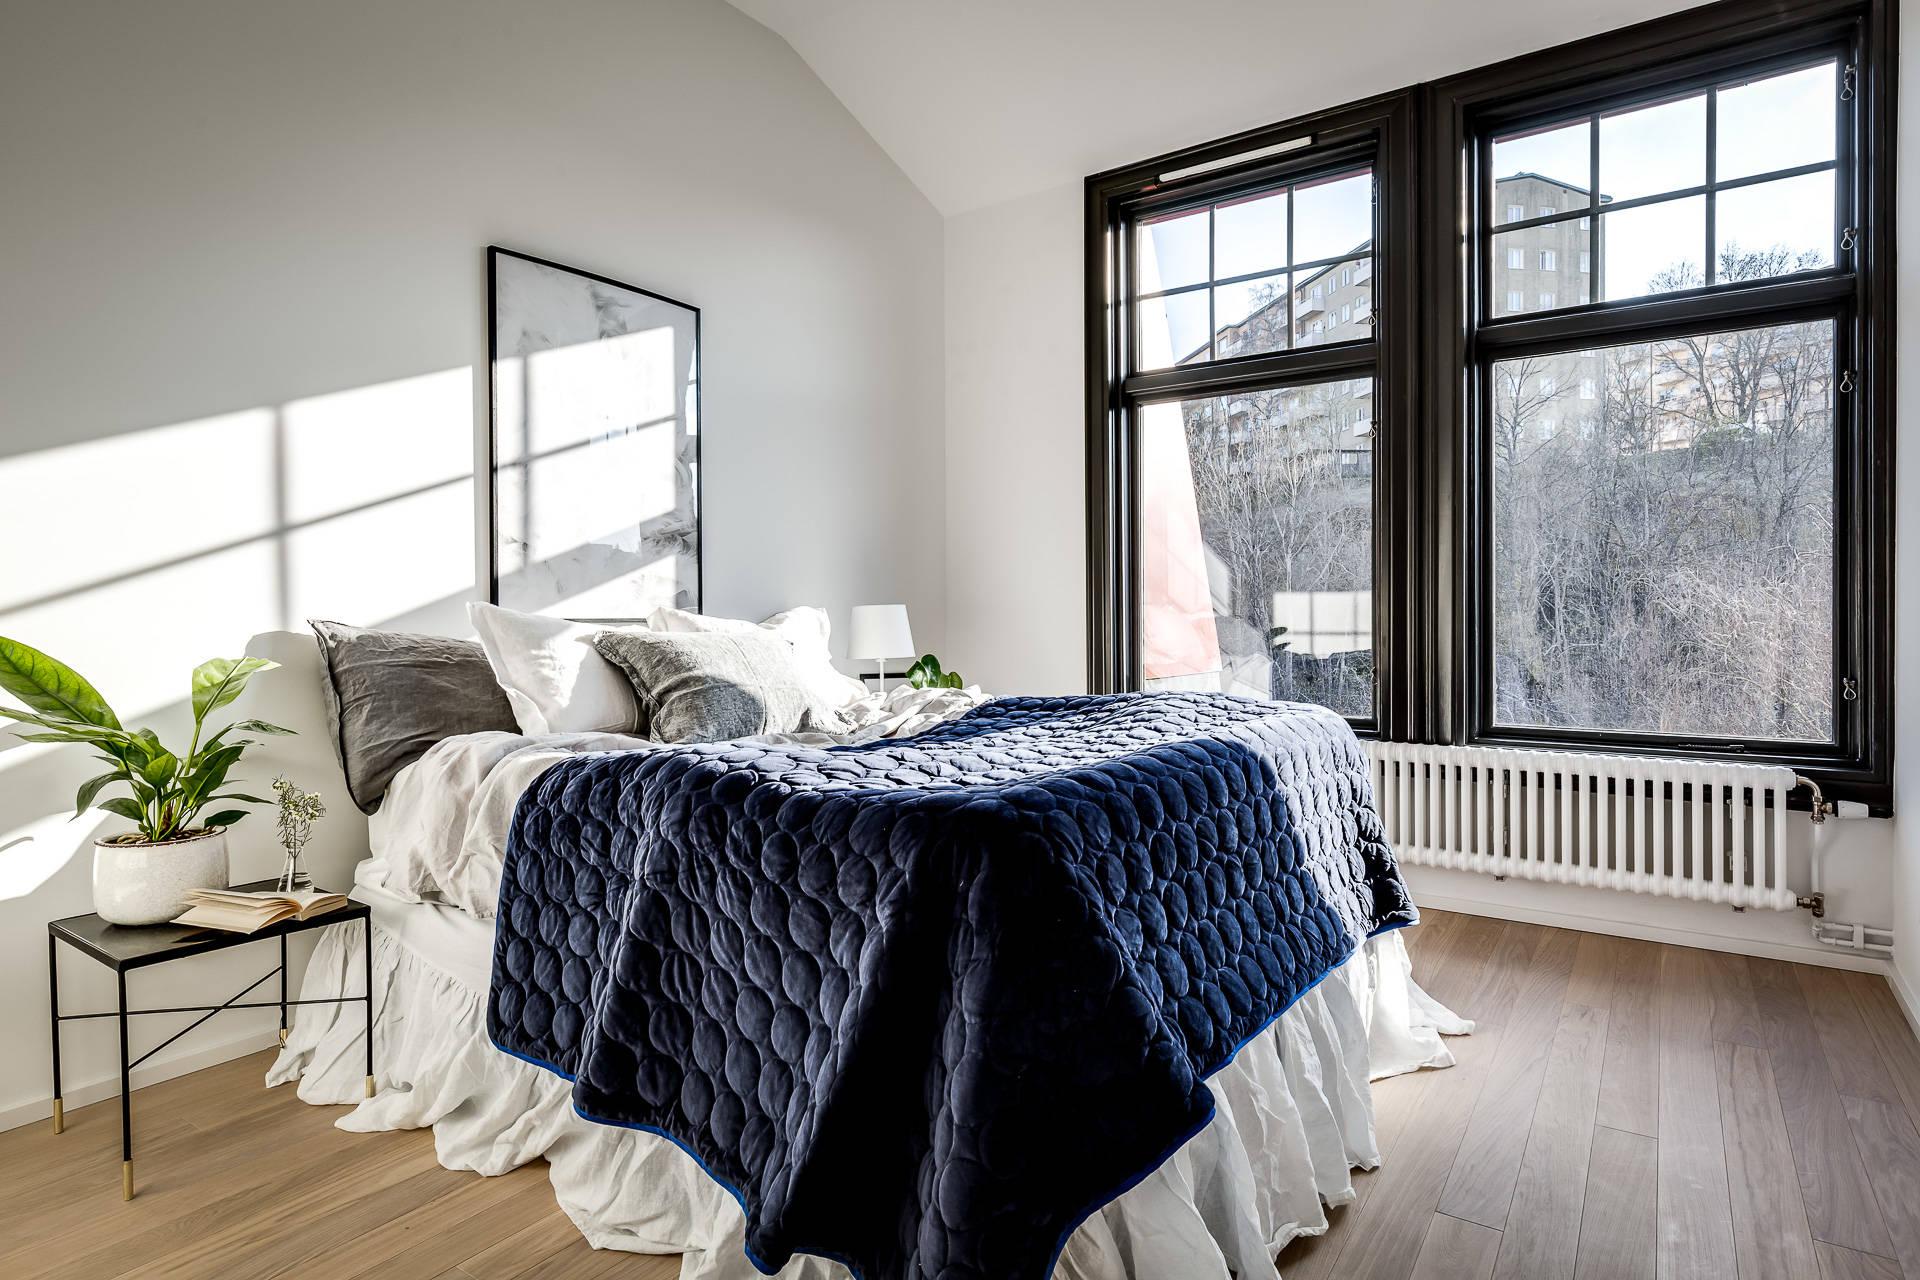 спальня кровать текстиль прикроватные столики окно темные рамы половая доска